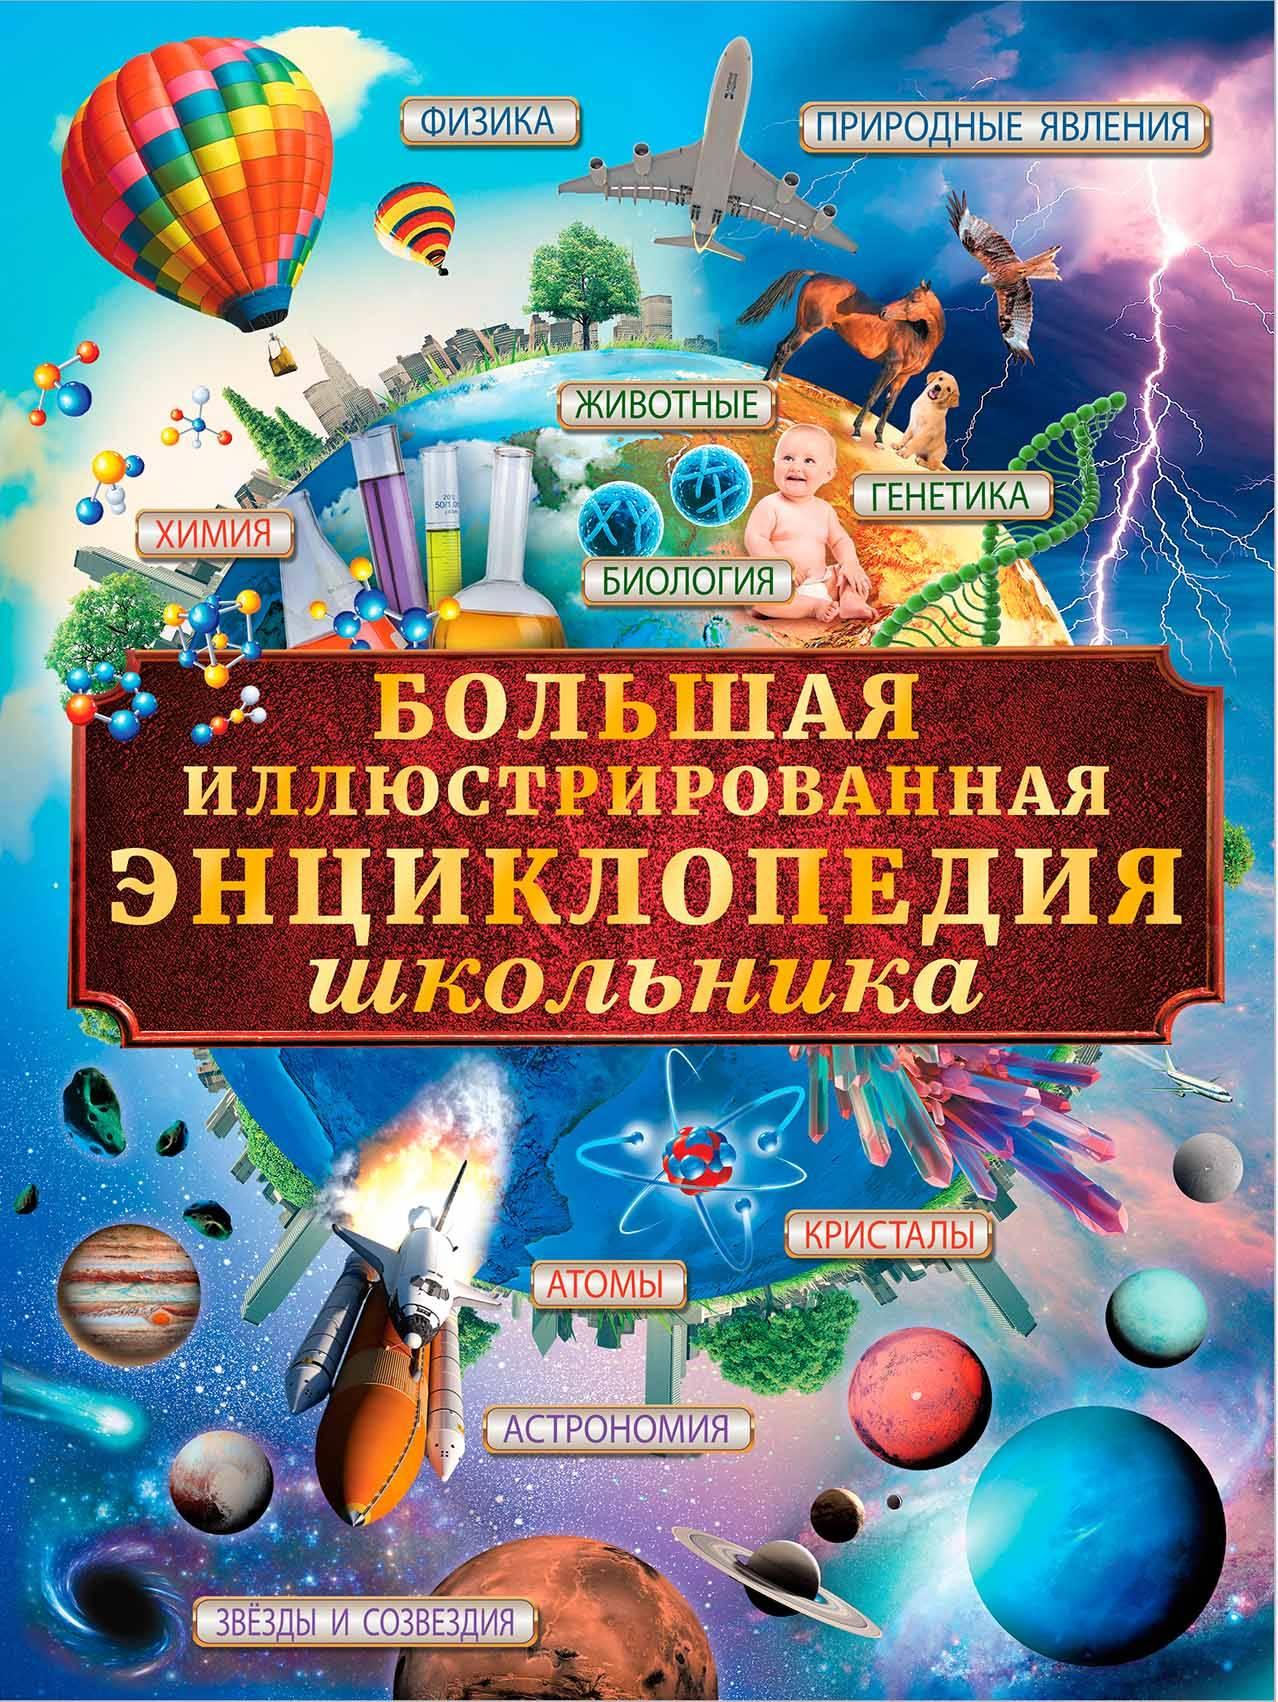 Любовь Вайткене Большая иллюстрированная энциклопедия школьника